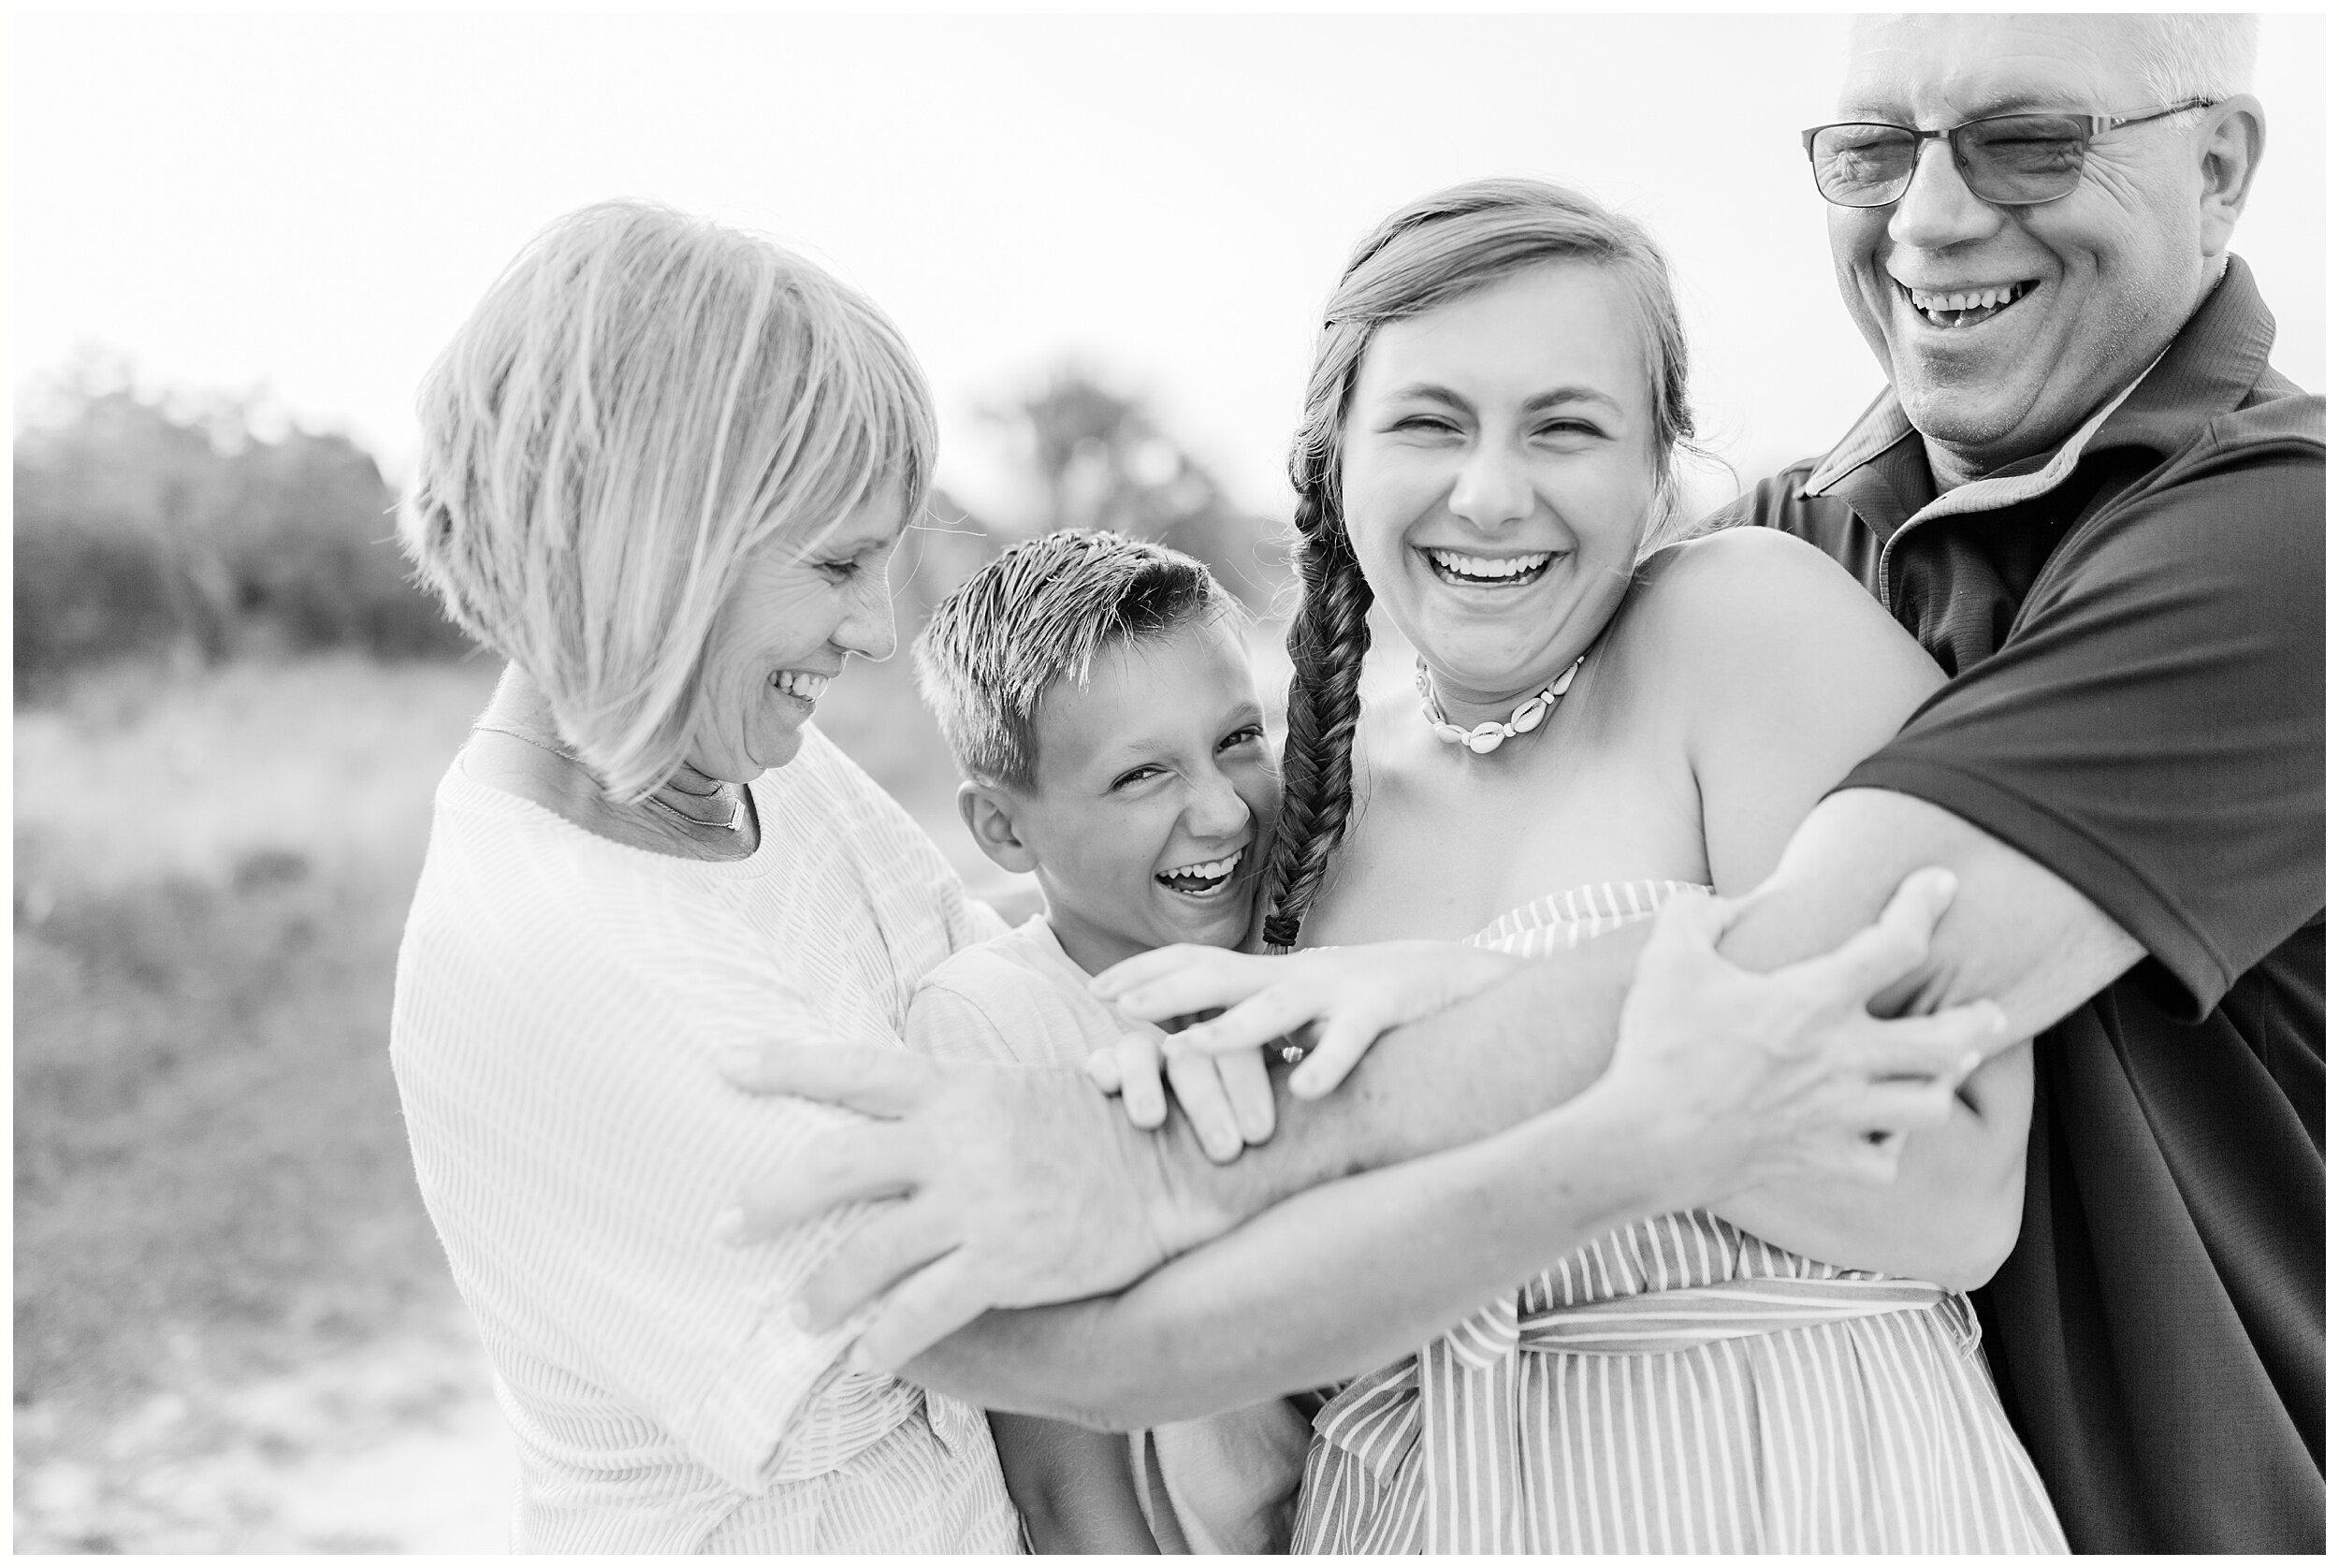 lexington-ky-family-lifestyle-photographer-priscilla-baierlein_1641.jpg